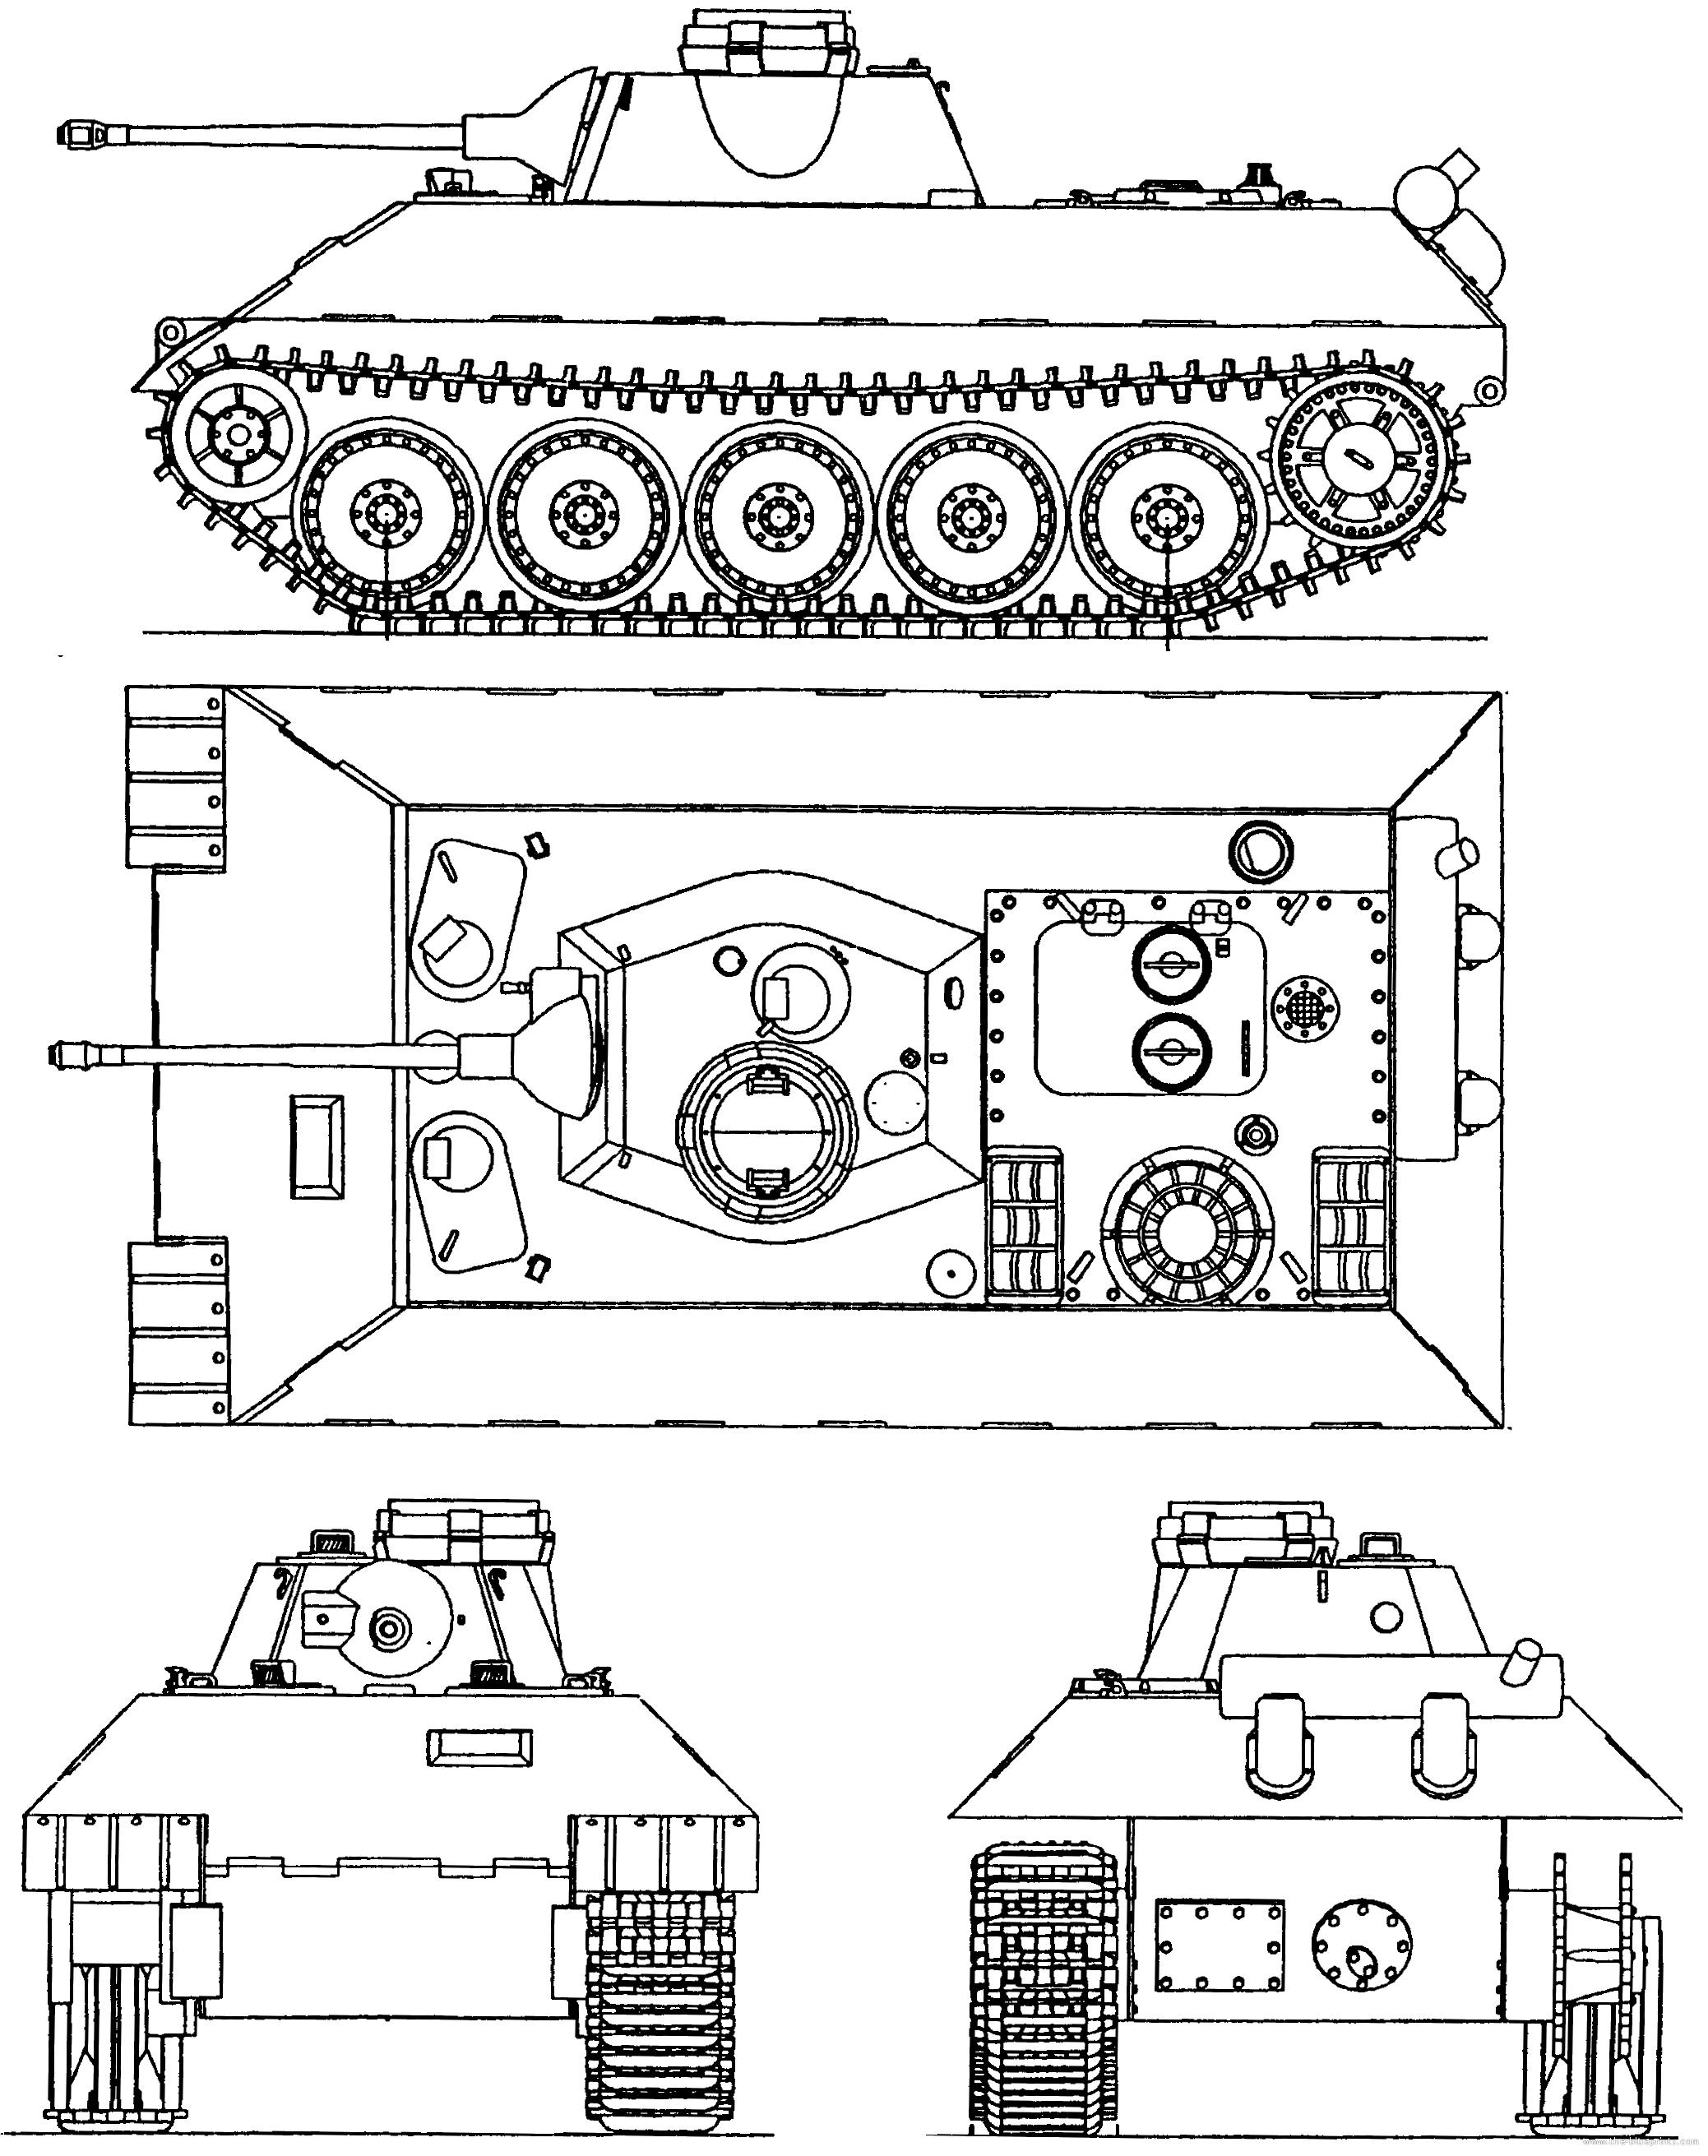 Blueprints tanks tanks u z vk 1602 leopard vk 1602 leopard malvernweather Images